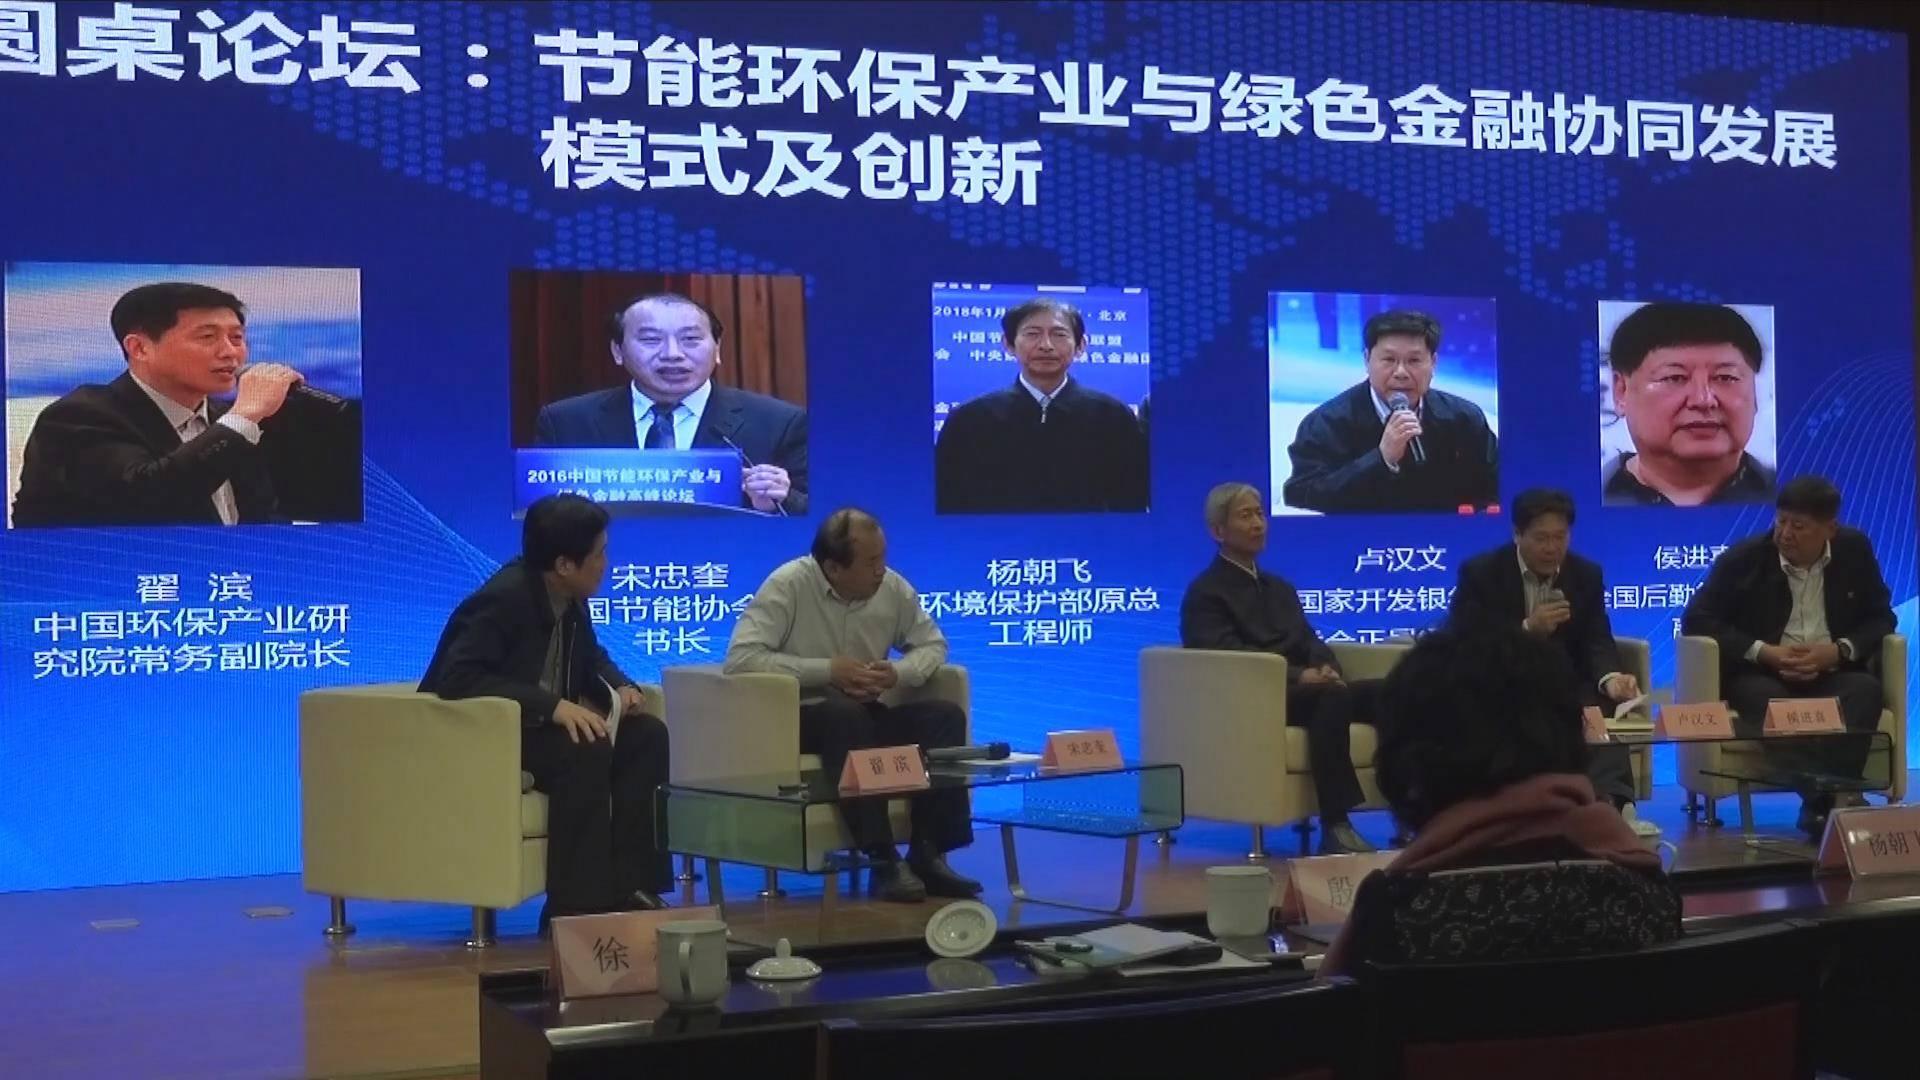 中国节能环保产业与绿色金融高峰论坛,圆桌论坛:节能环保产业与绿色金融协同发展模式及创新